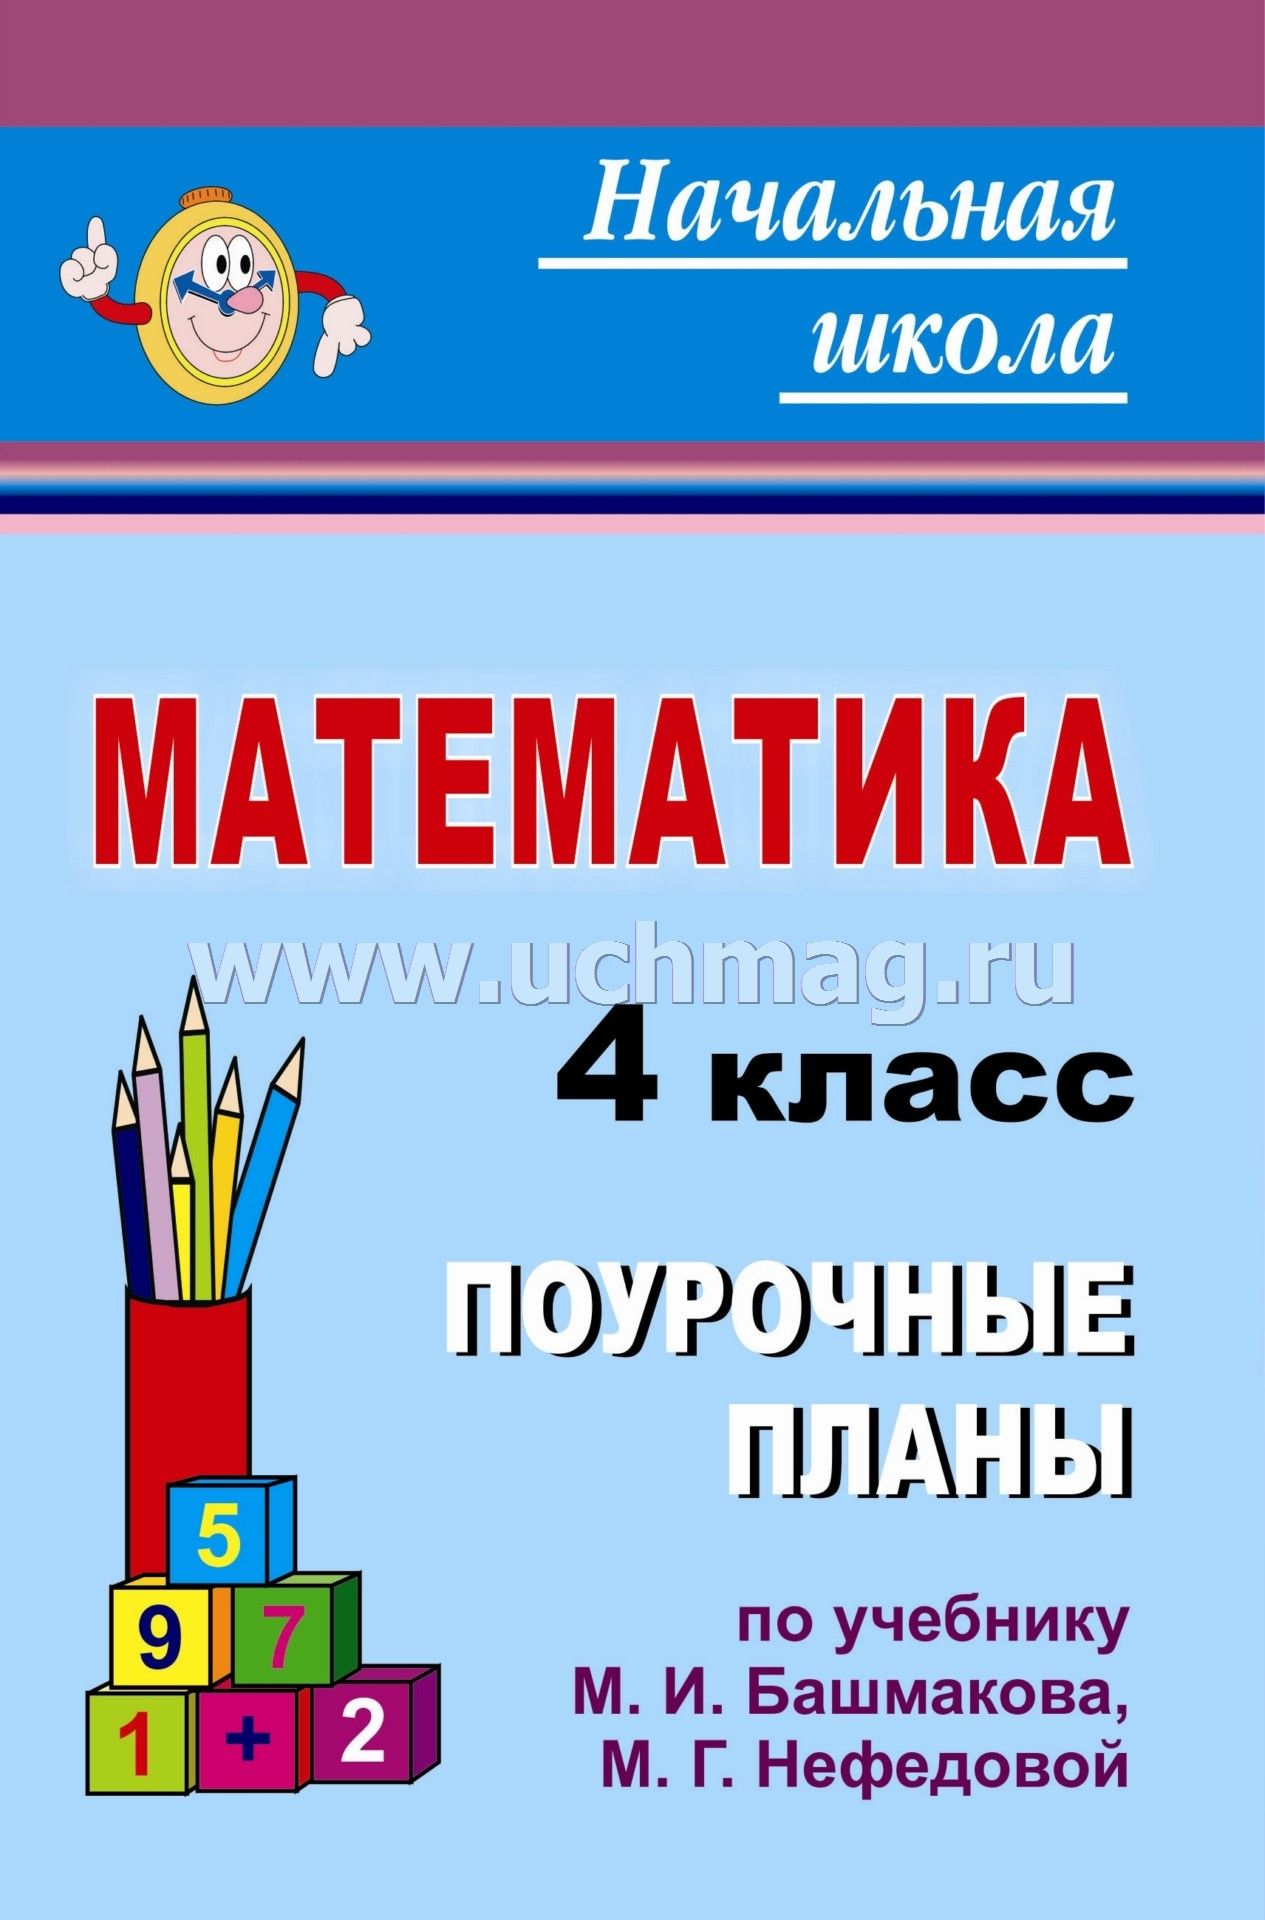 Планета знаний математика 1 класс урок на странице 108-109-конспект